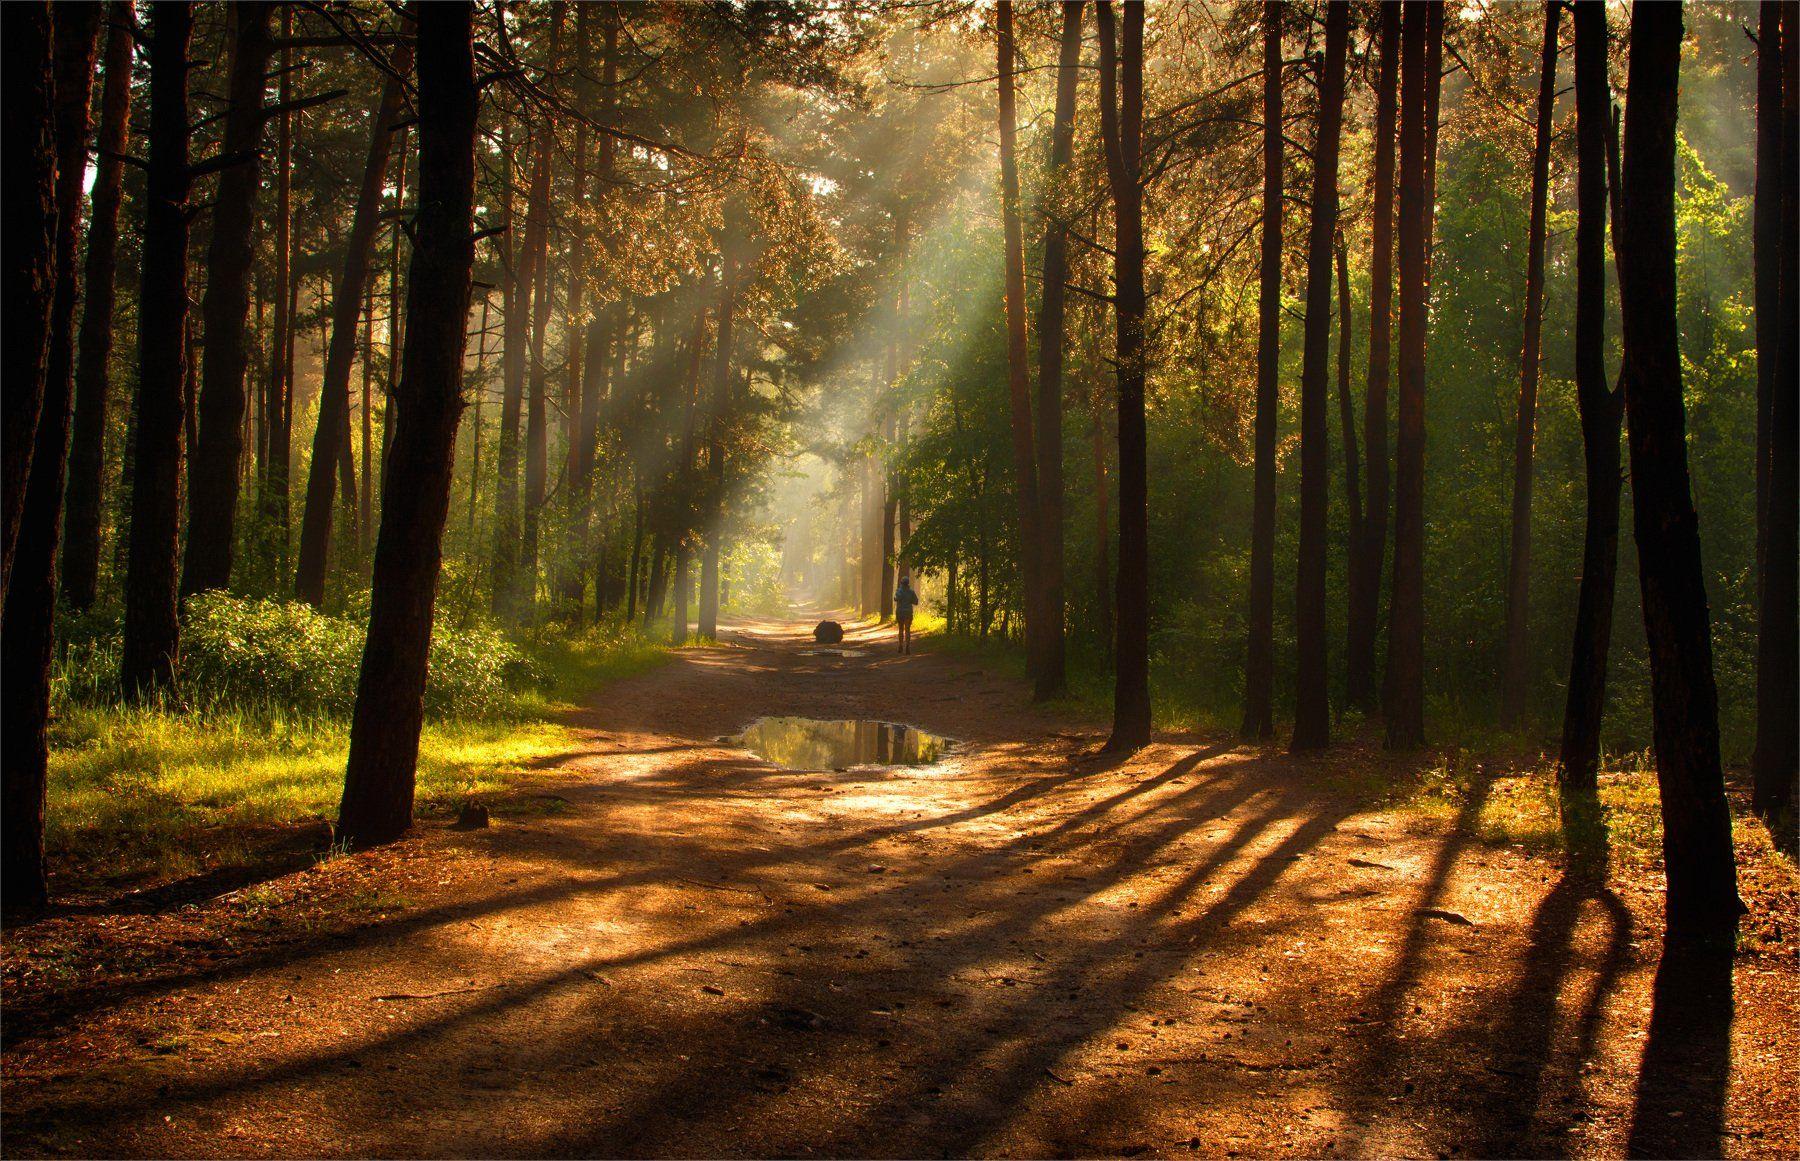 landscape, пейзаж, утро, лес, сосны, деревья, солнечный свет, солнечные лучи, солнце, природа, весна, лужи, спортсмен, Михаил MSH